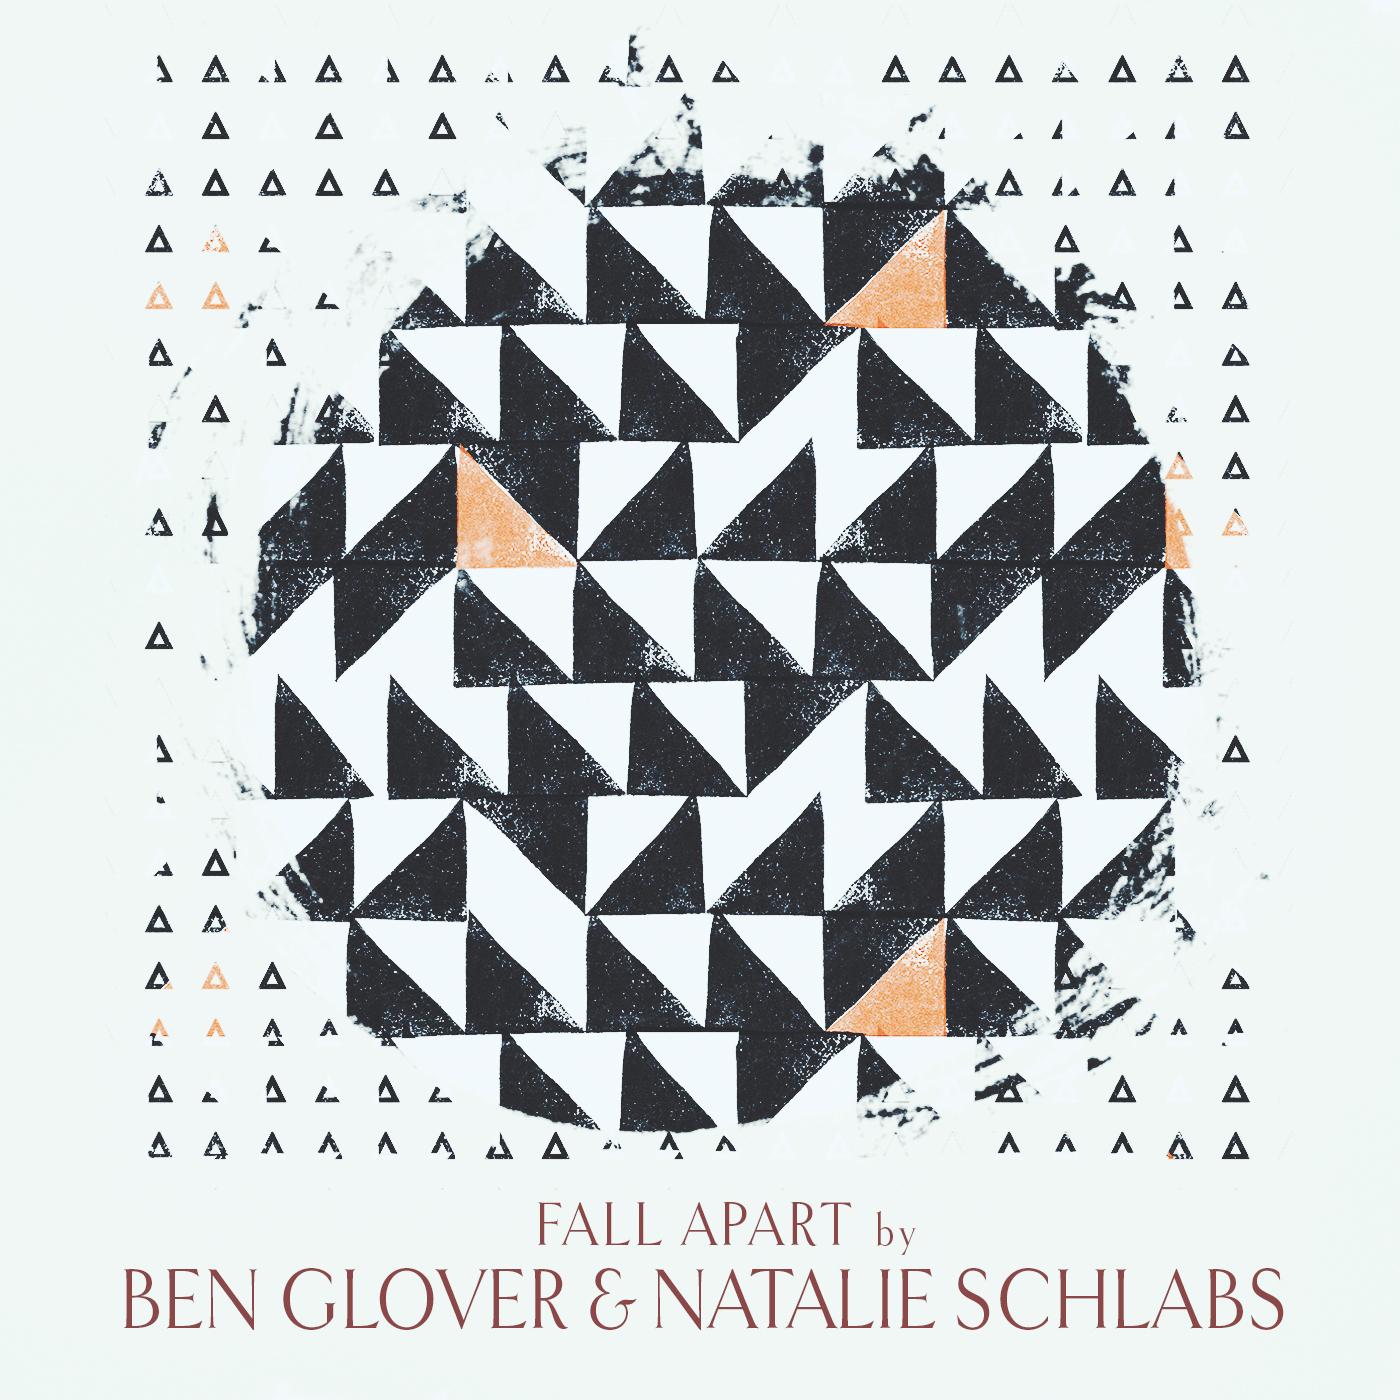 Ben Glover & Natalie Schlabs, 'Fall Apart'